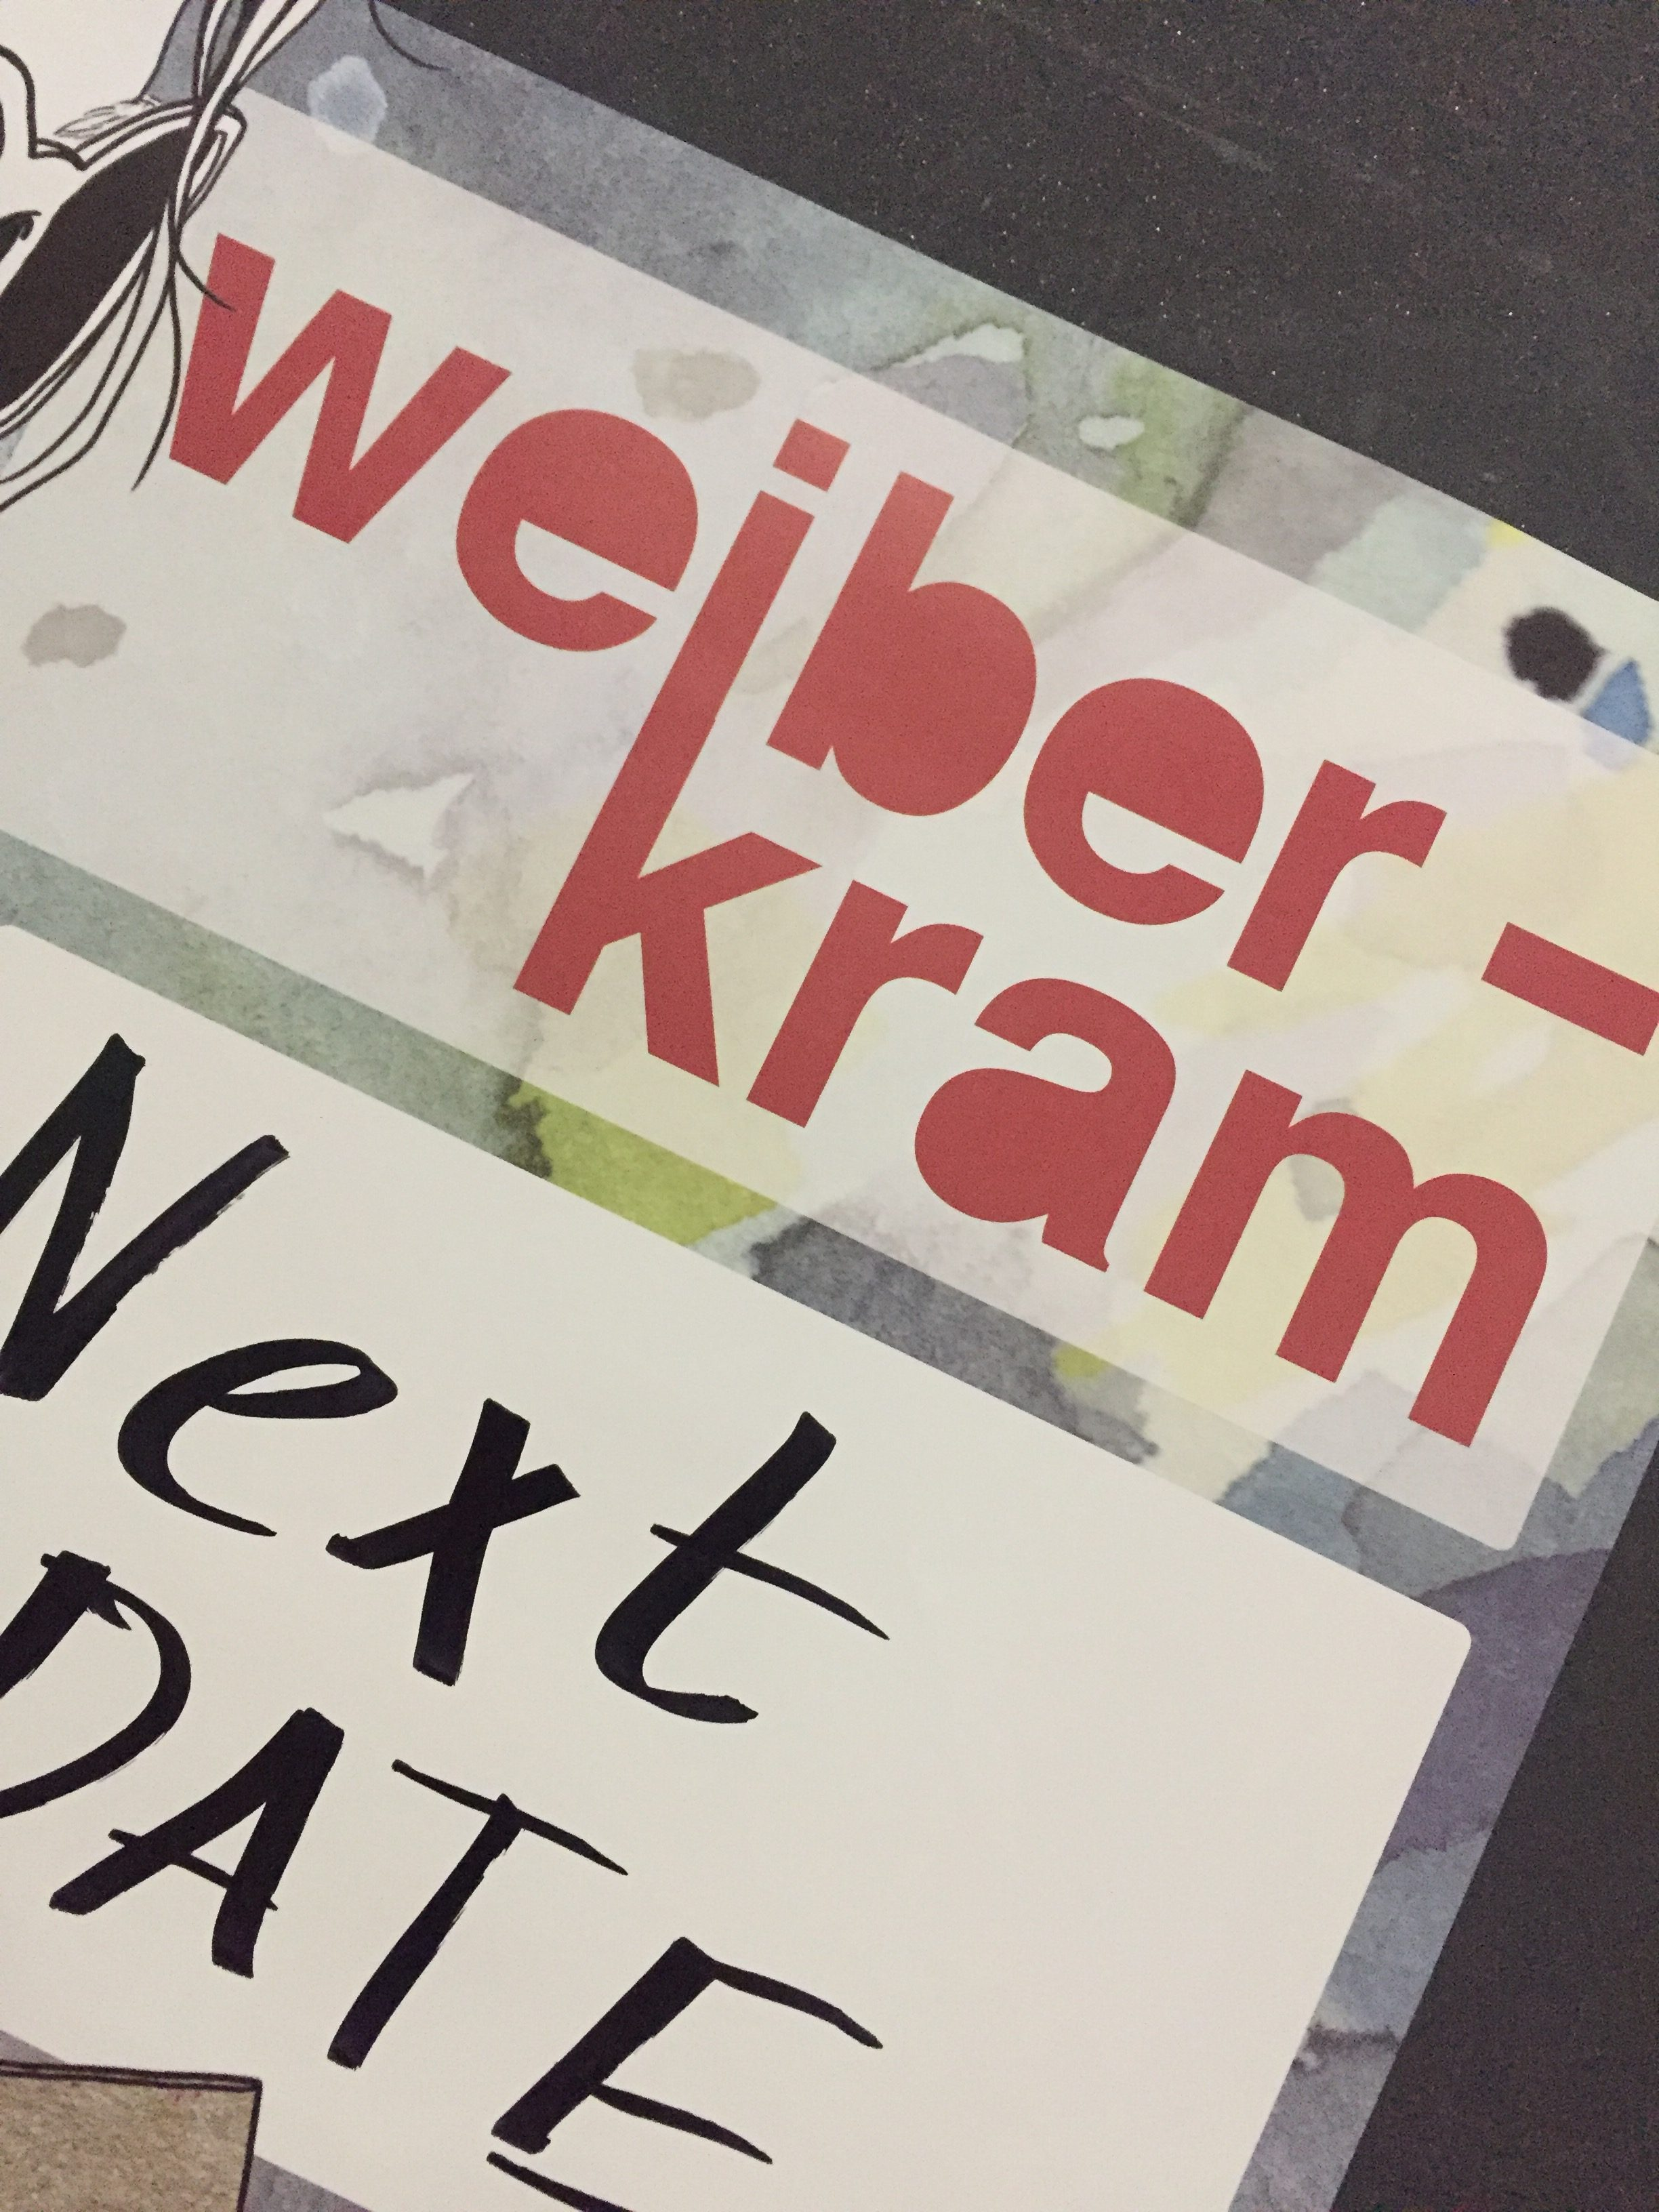 Zwischen Graffiti & Musik: Weiberkram Flohmarktfeeling in Wiesbaden